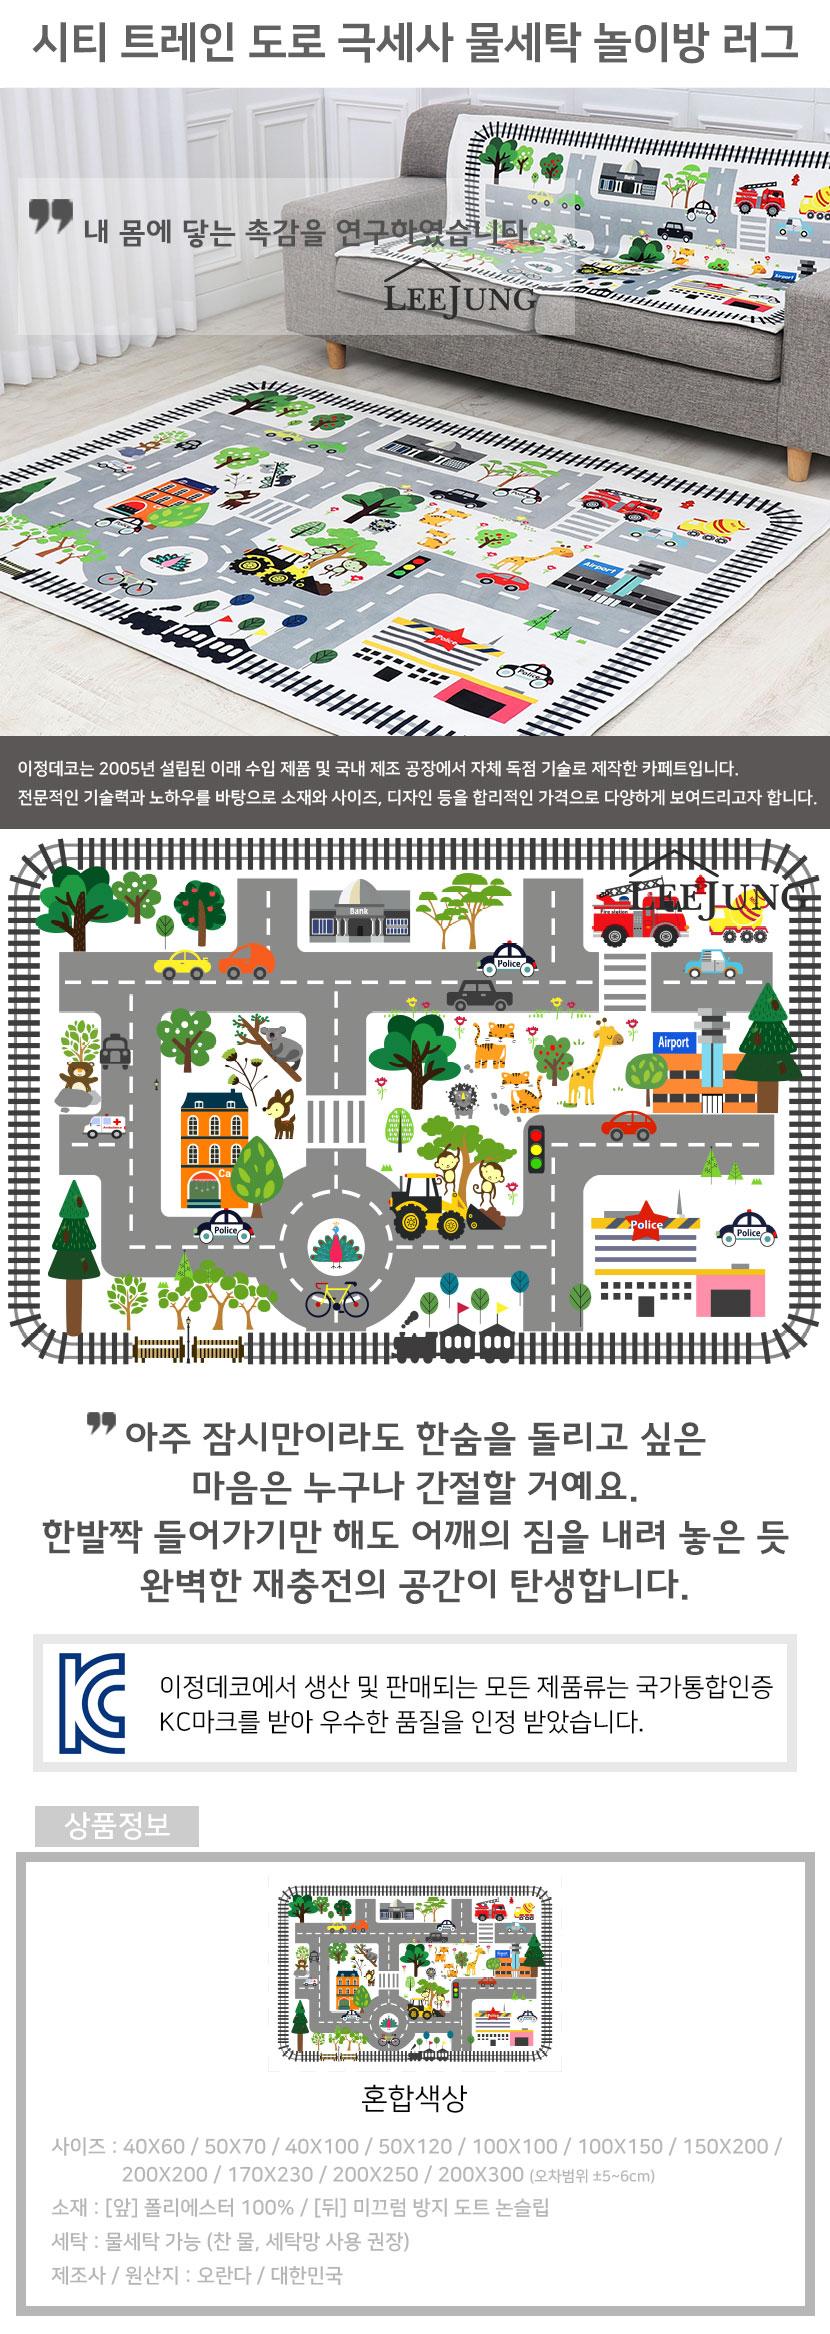 이정데코 기차 도로 놀이 러그 50x70 - 이정데코, 15,900원, 디자인러그, 디자인러그